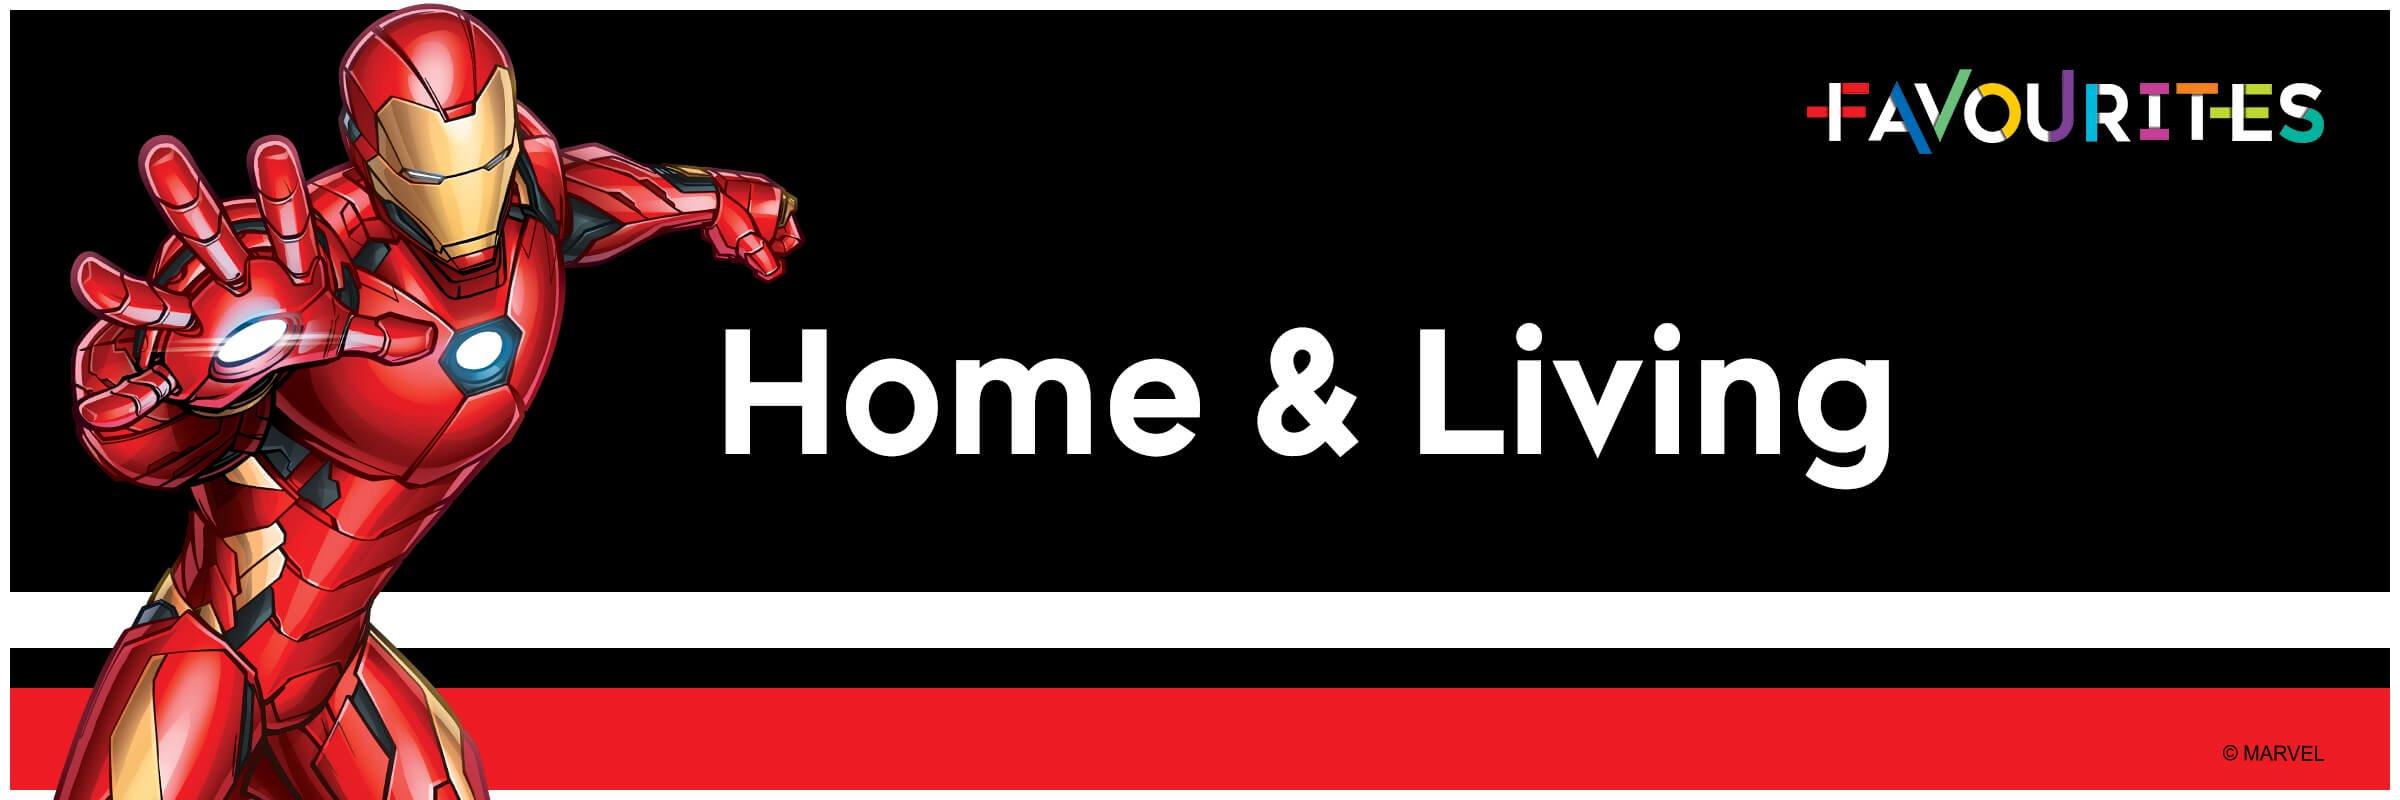 Disney - Home & Living